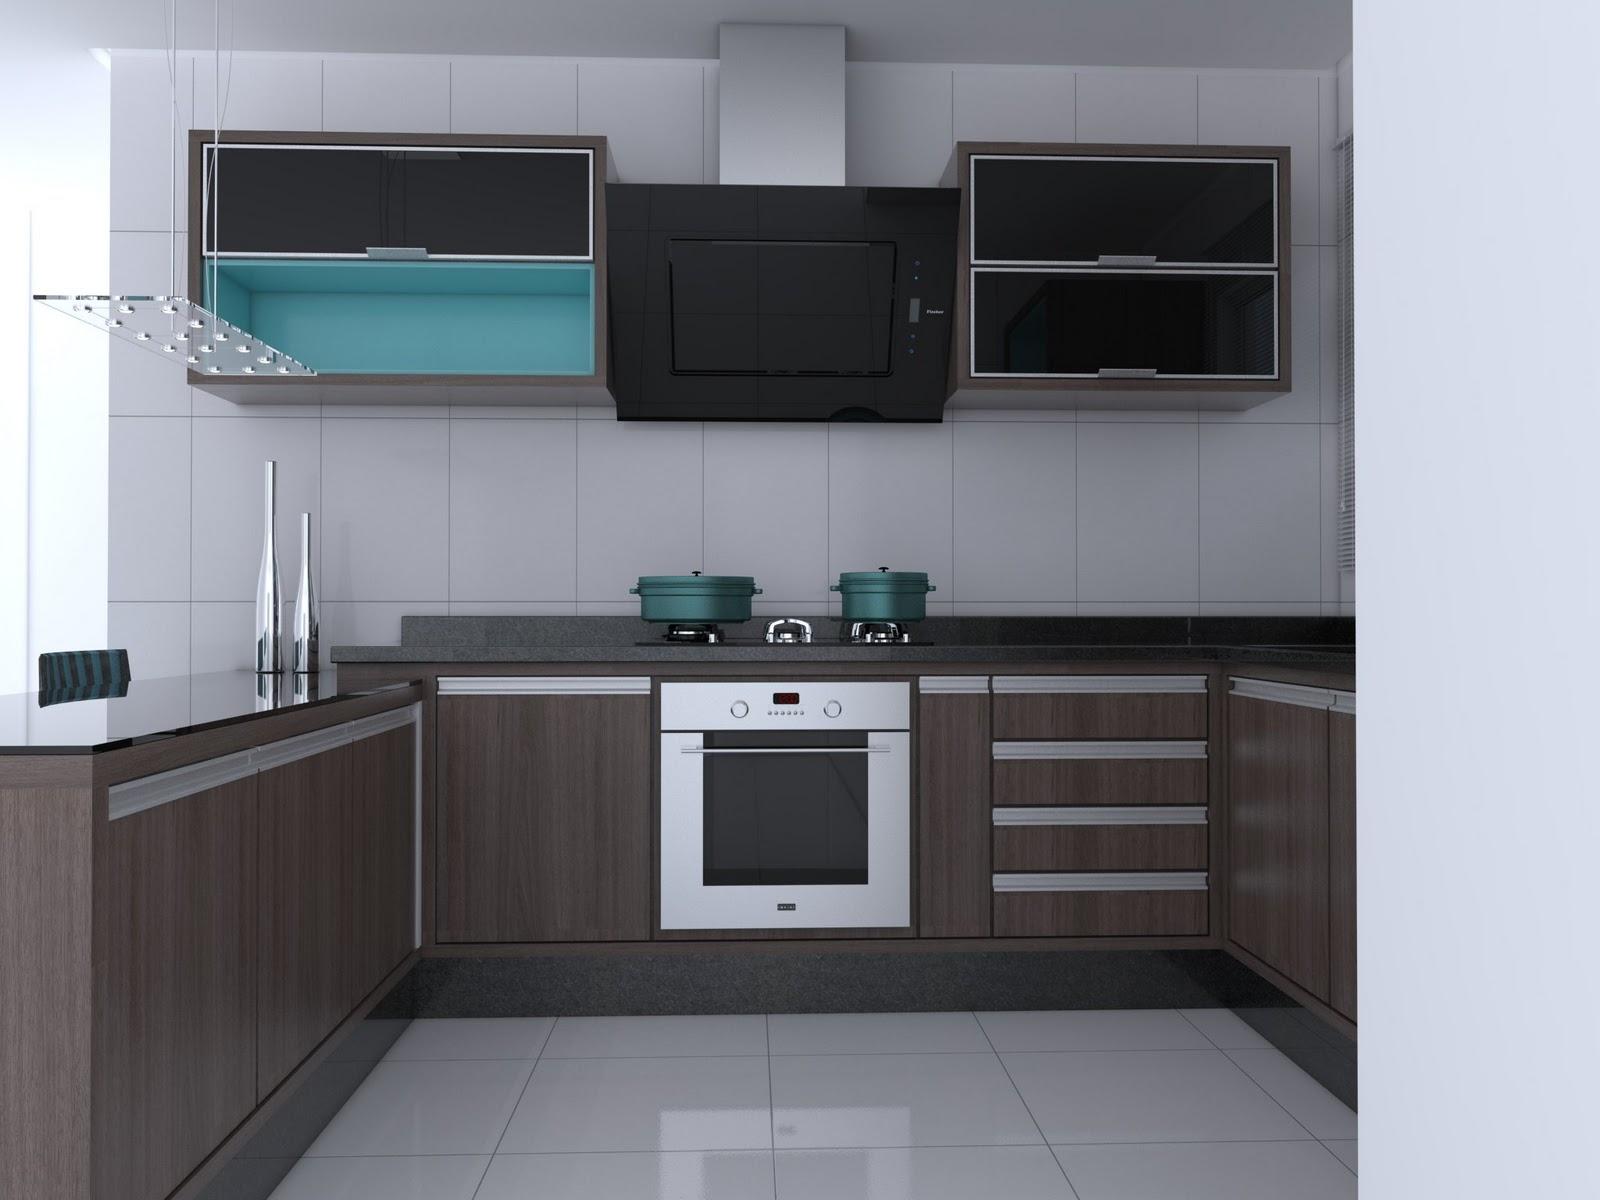 ... For cozinha planejada Cozinha planejada, Planejados e Minha cozinha